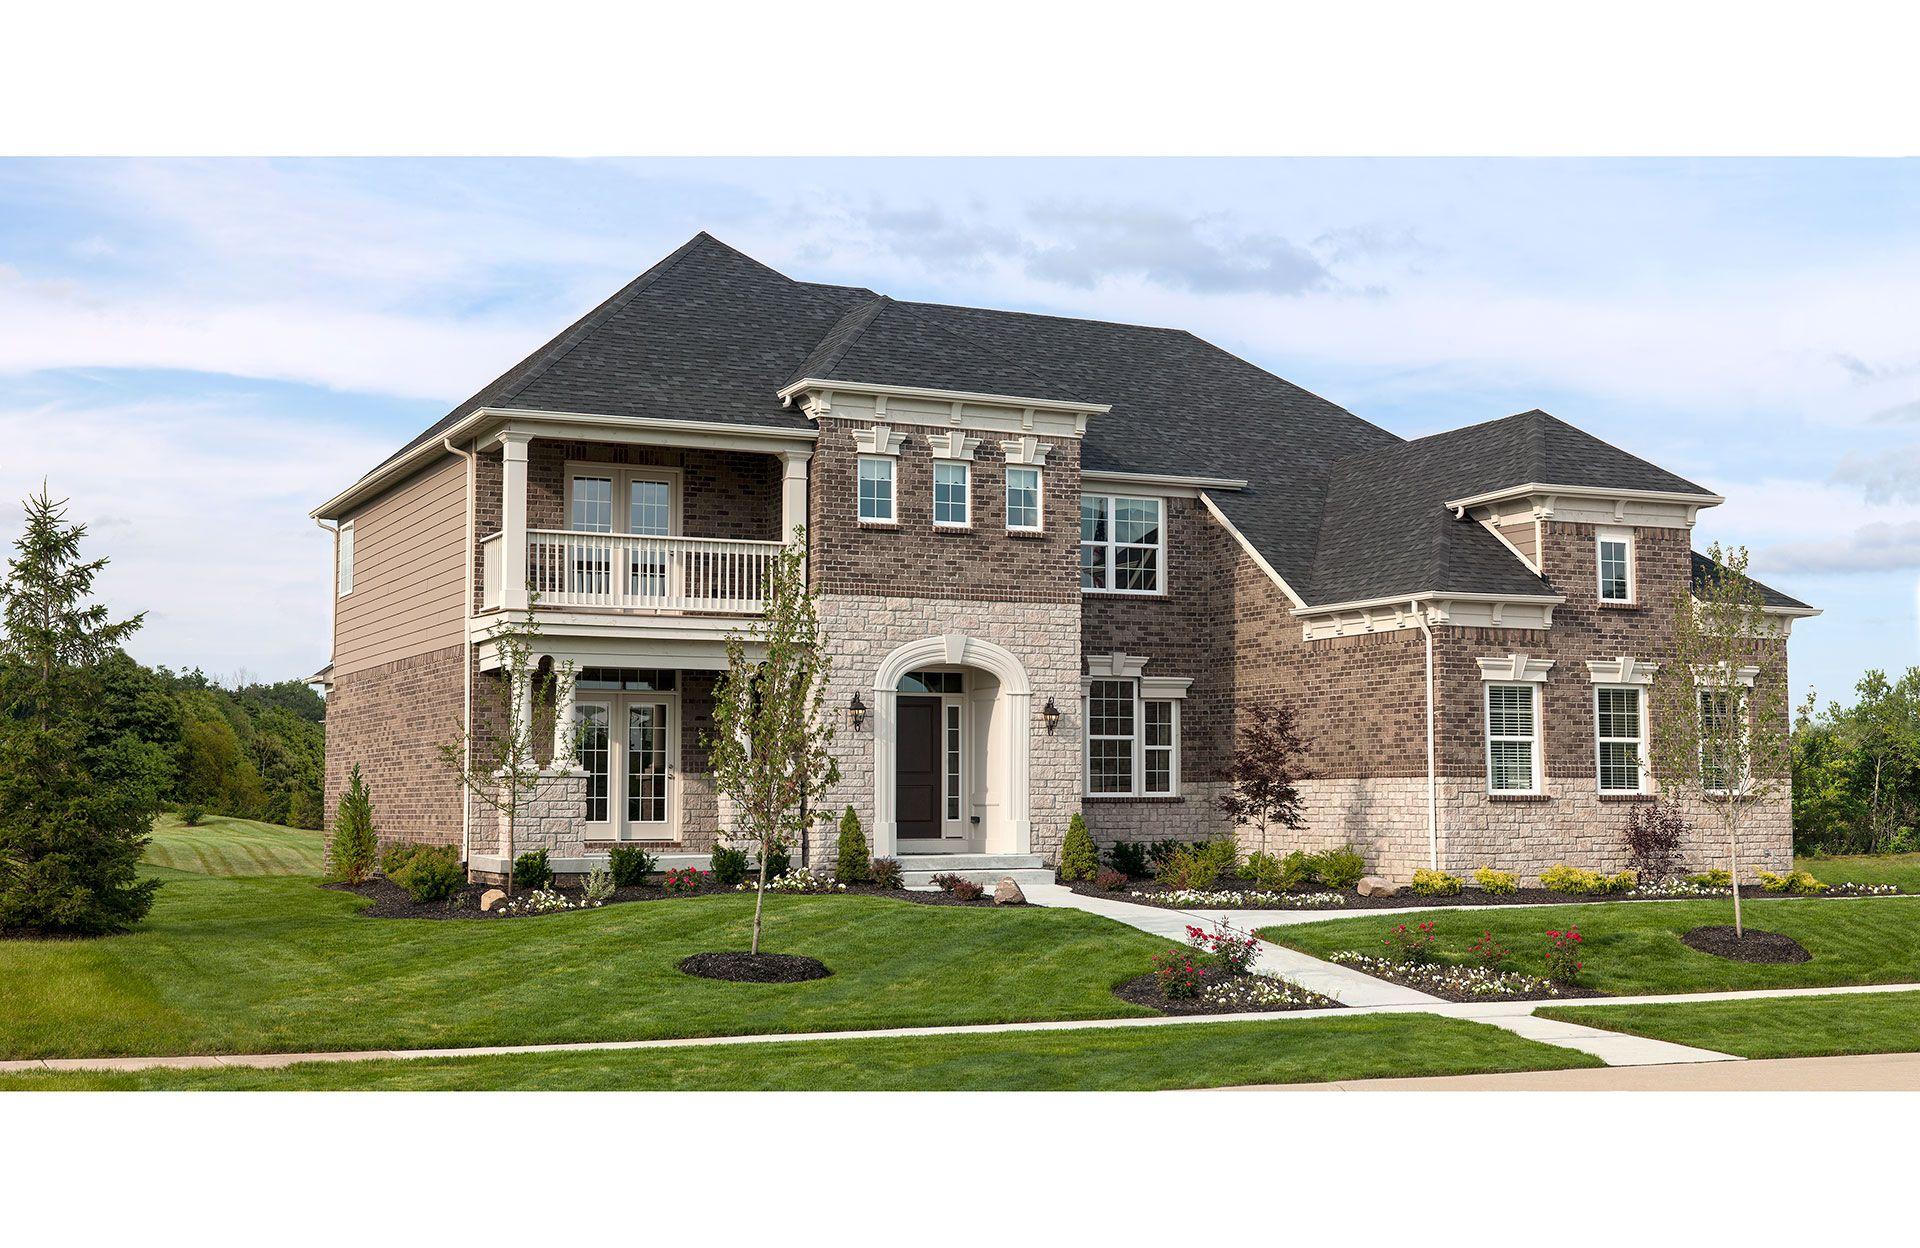 单亲家庭 为 销售 在 Highland Park - Langdon Ravinia Lane Avon, Ohio 44011 United States